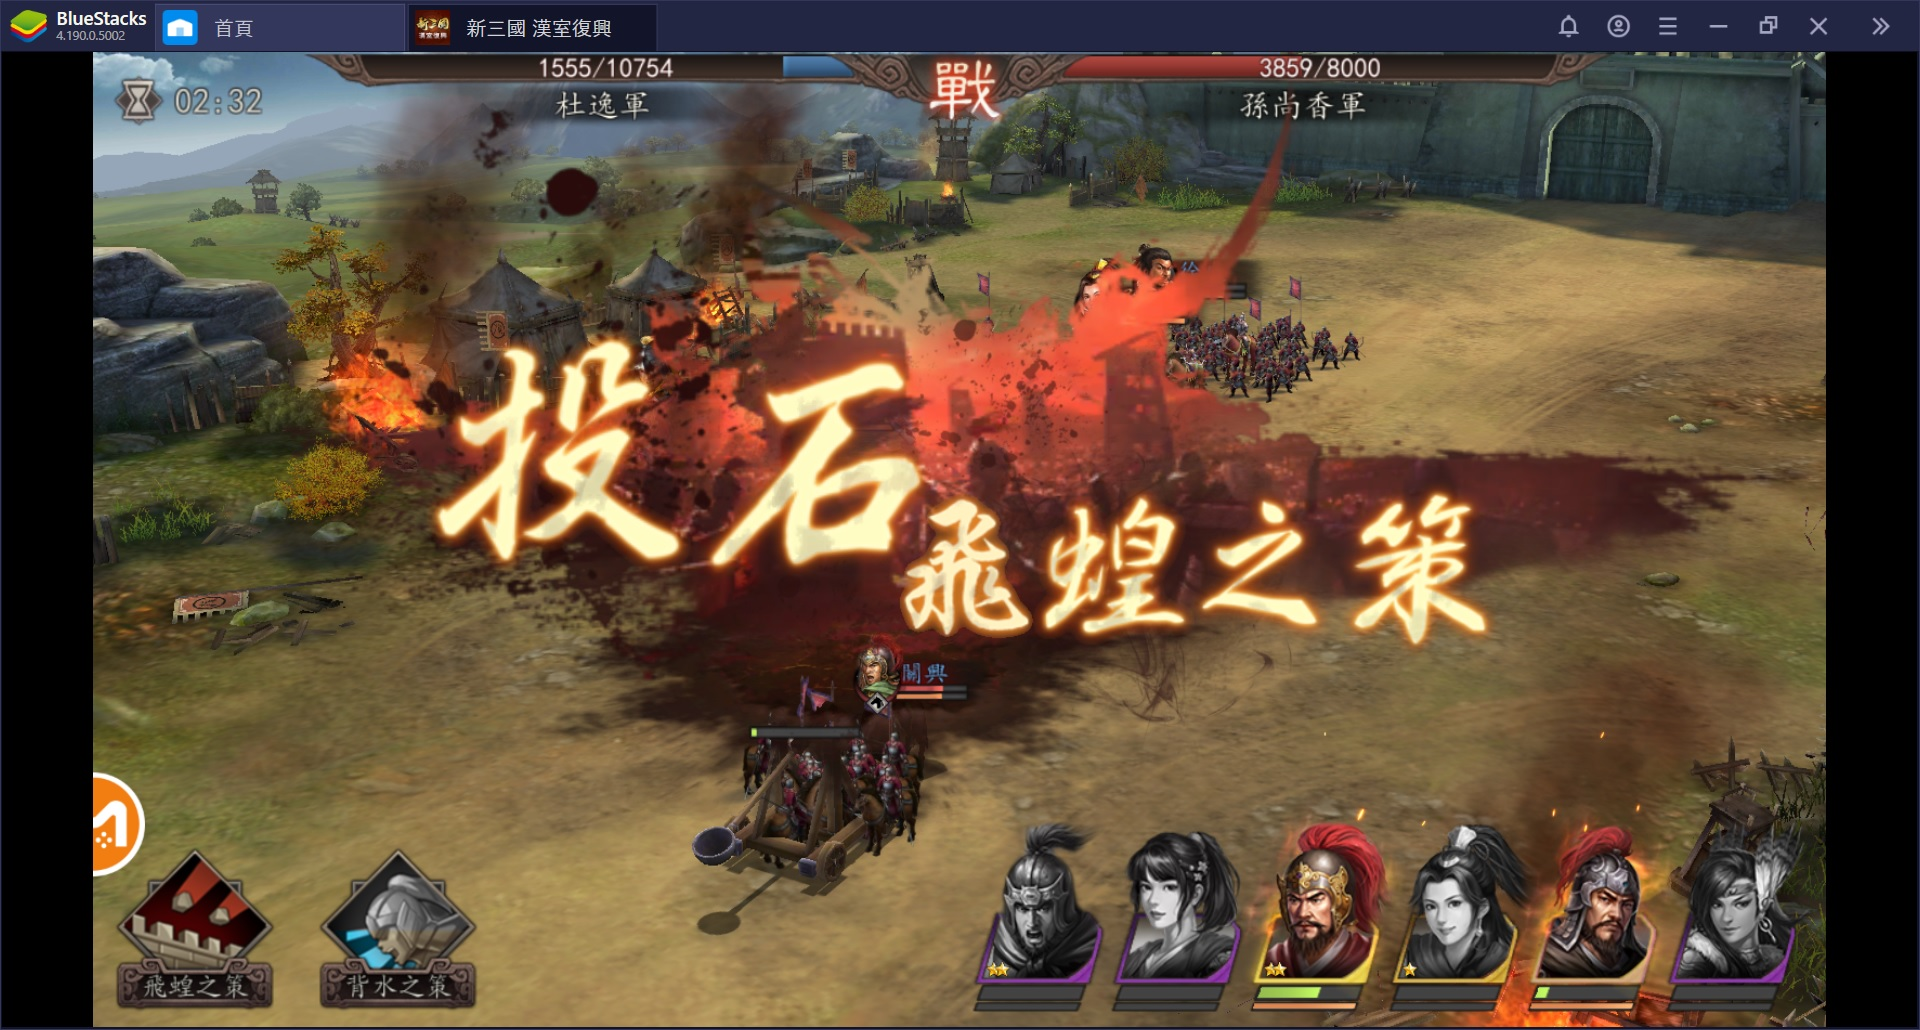 使用BlueStacks在PC上遊玩三國題材策略模擬手游《新三國 漢室復興》